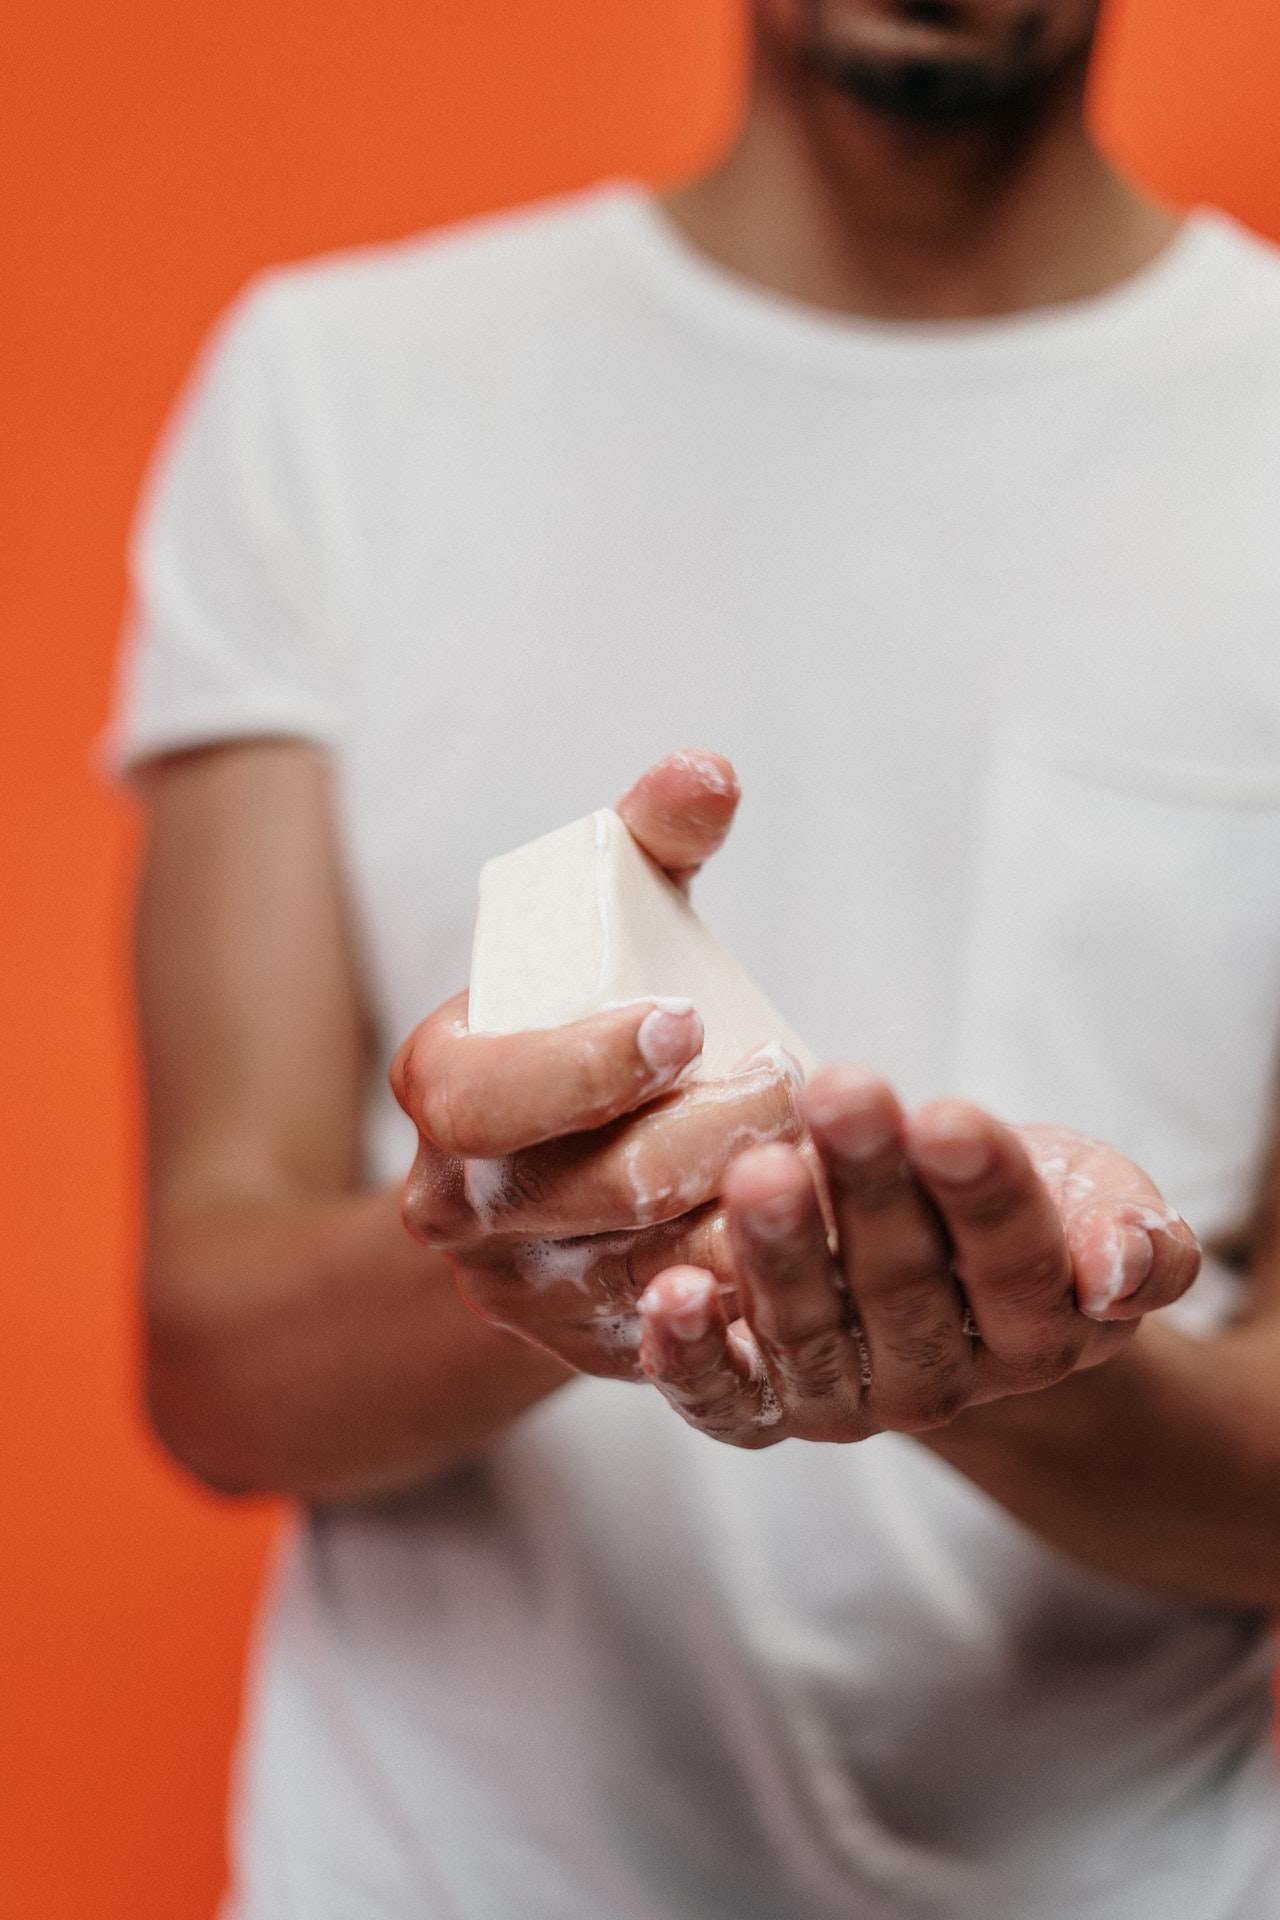 Lavar as mãos com frequência, foto meramente ilustrativa. Foto: cottonbro no Pexels.